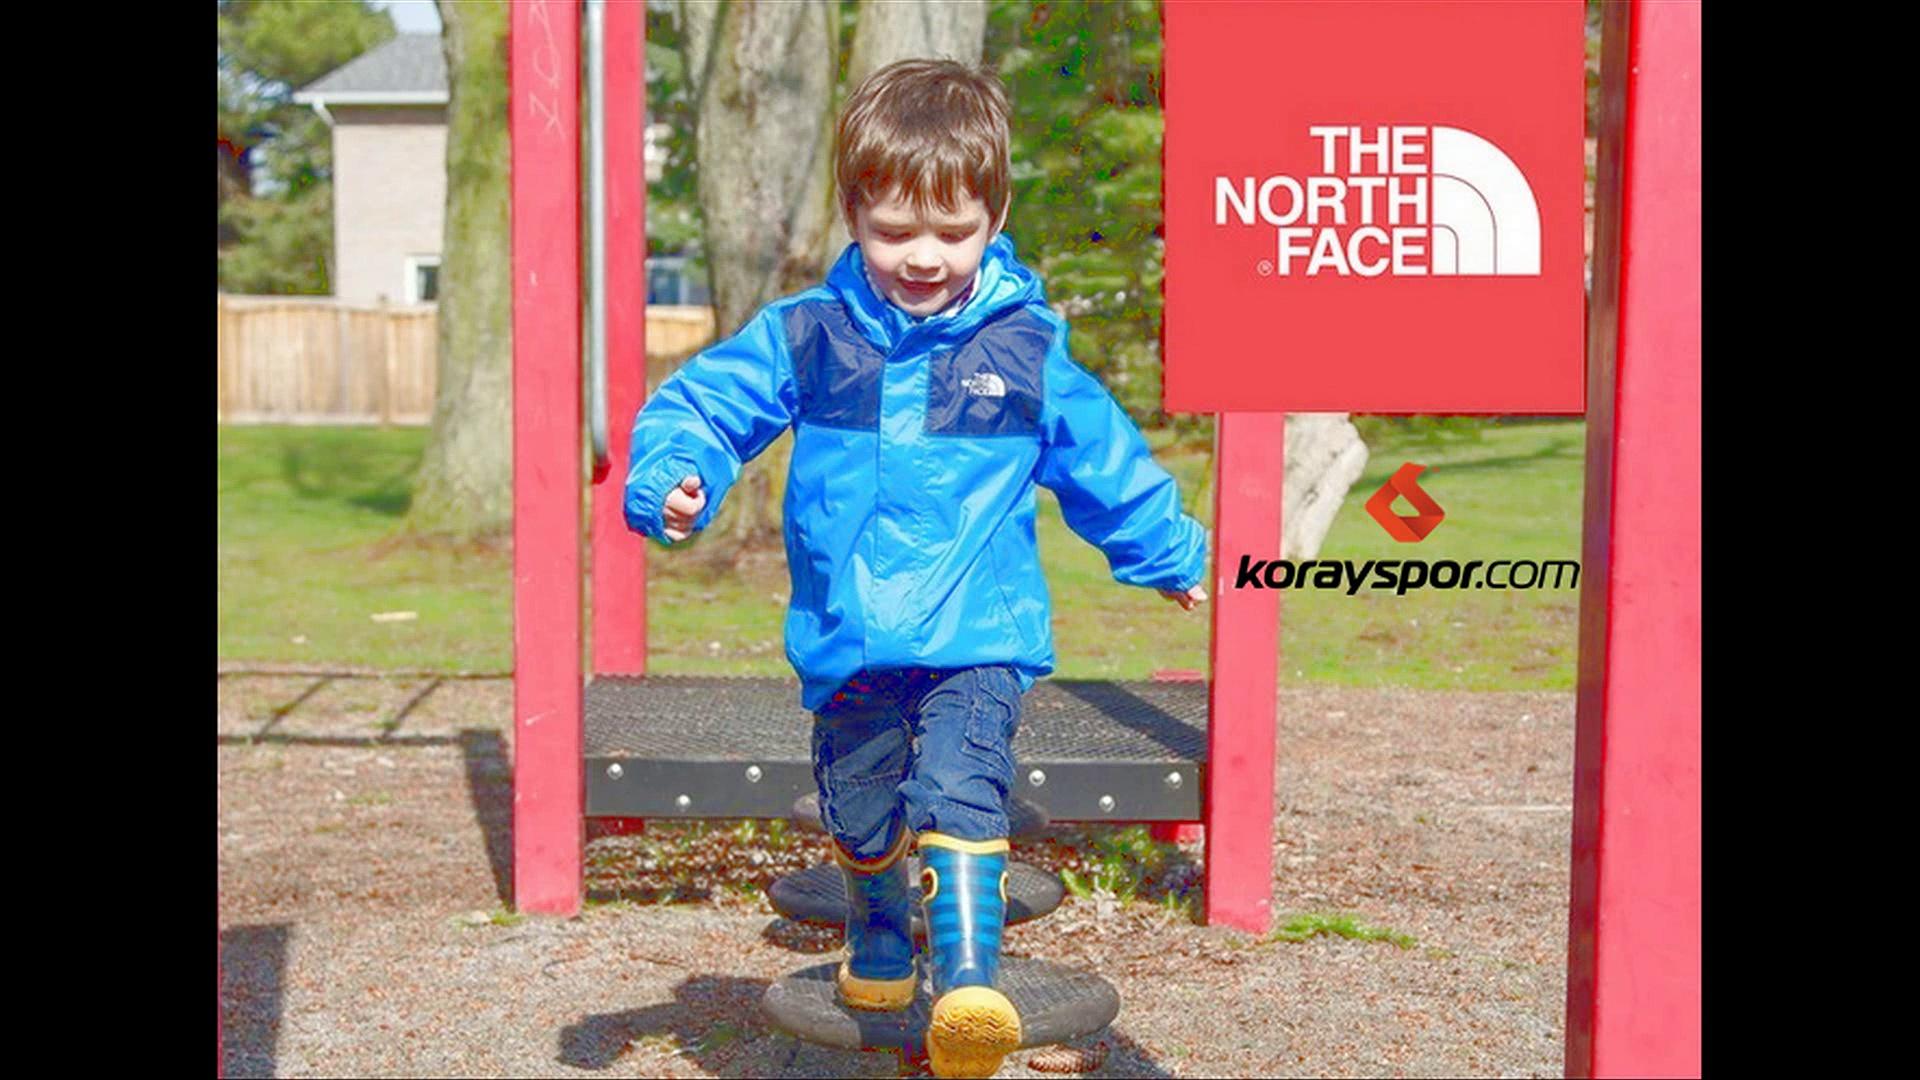 Dayanıklı Tasarımıyla North Face Yeni Sezon Tam Boy Fermuarlı Isıyı Koruyan Çocuk Montları